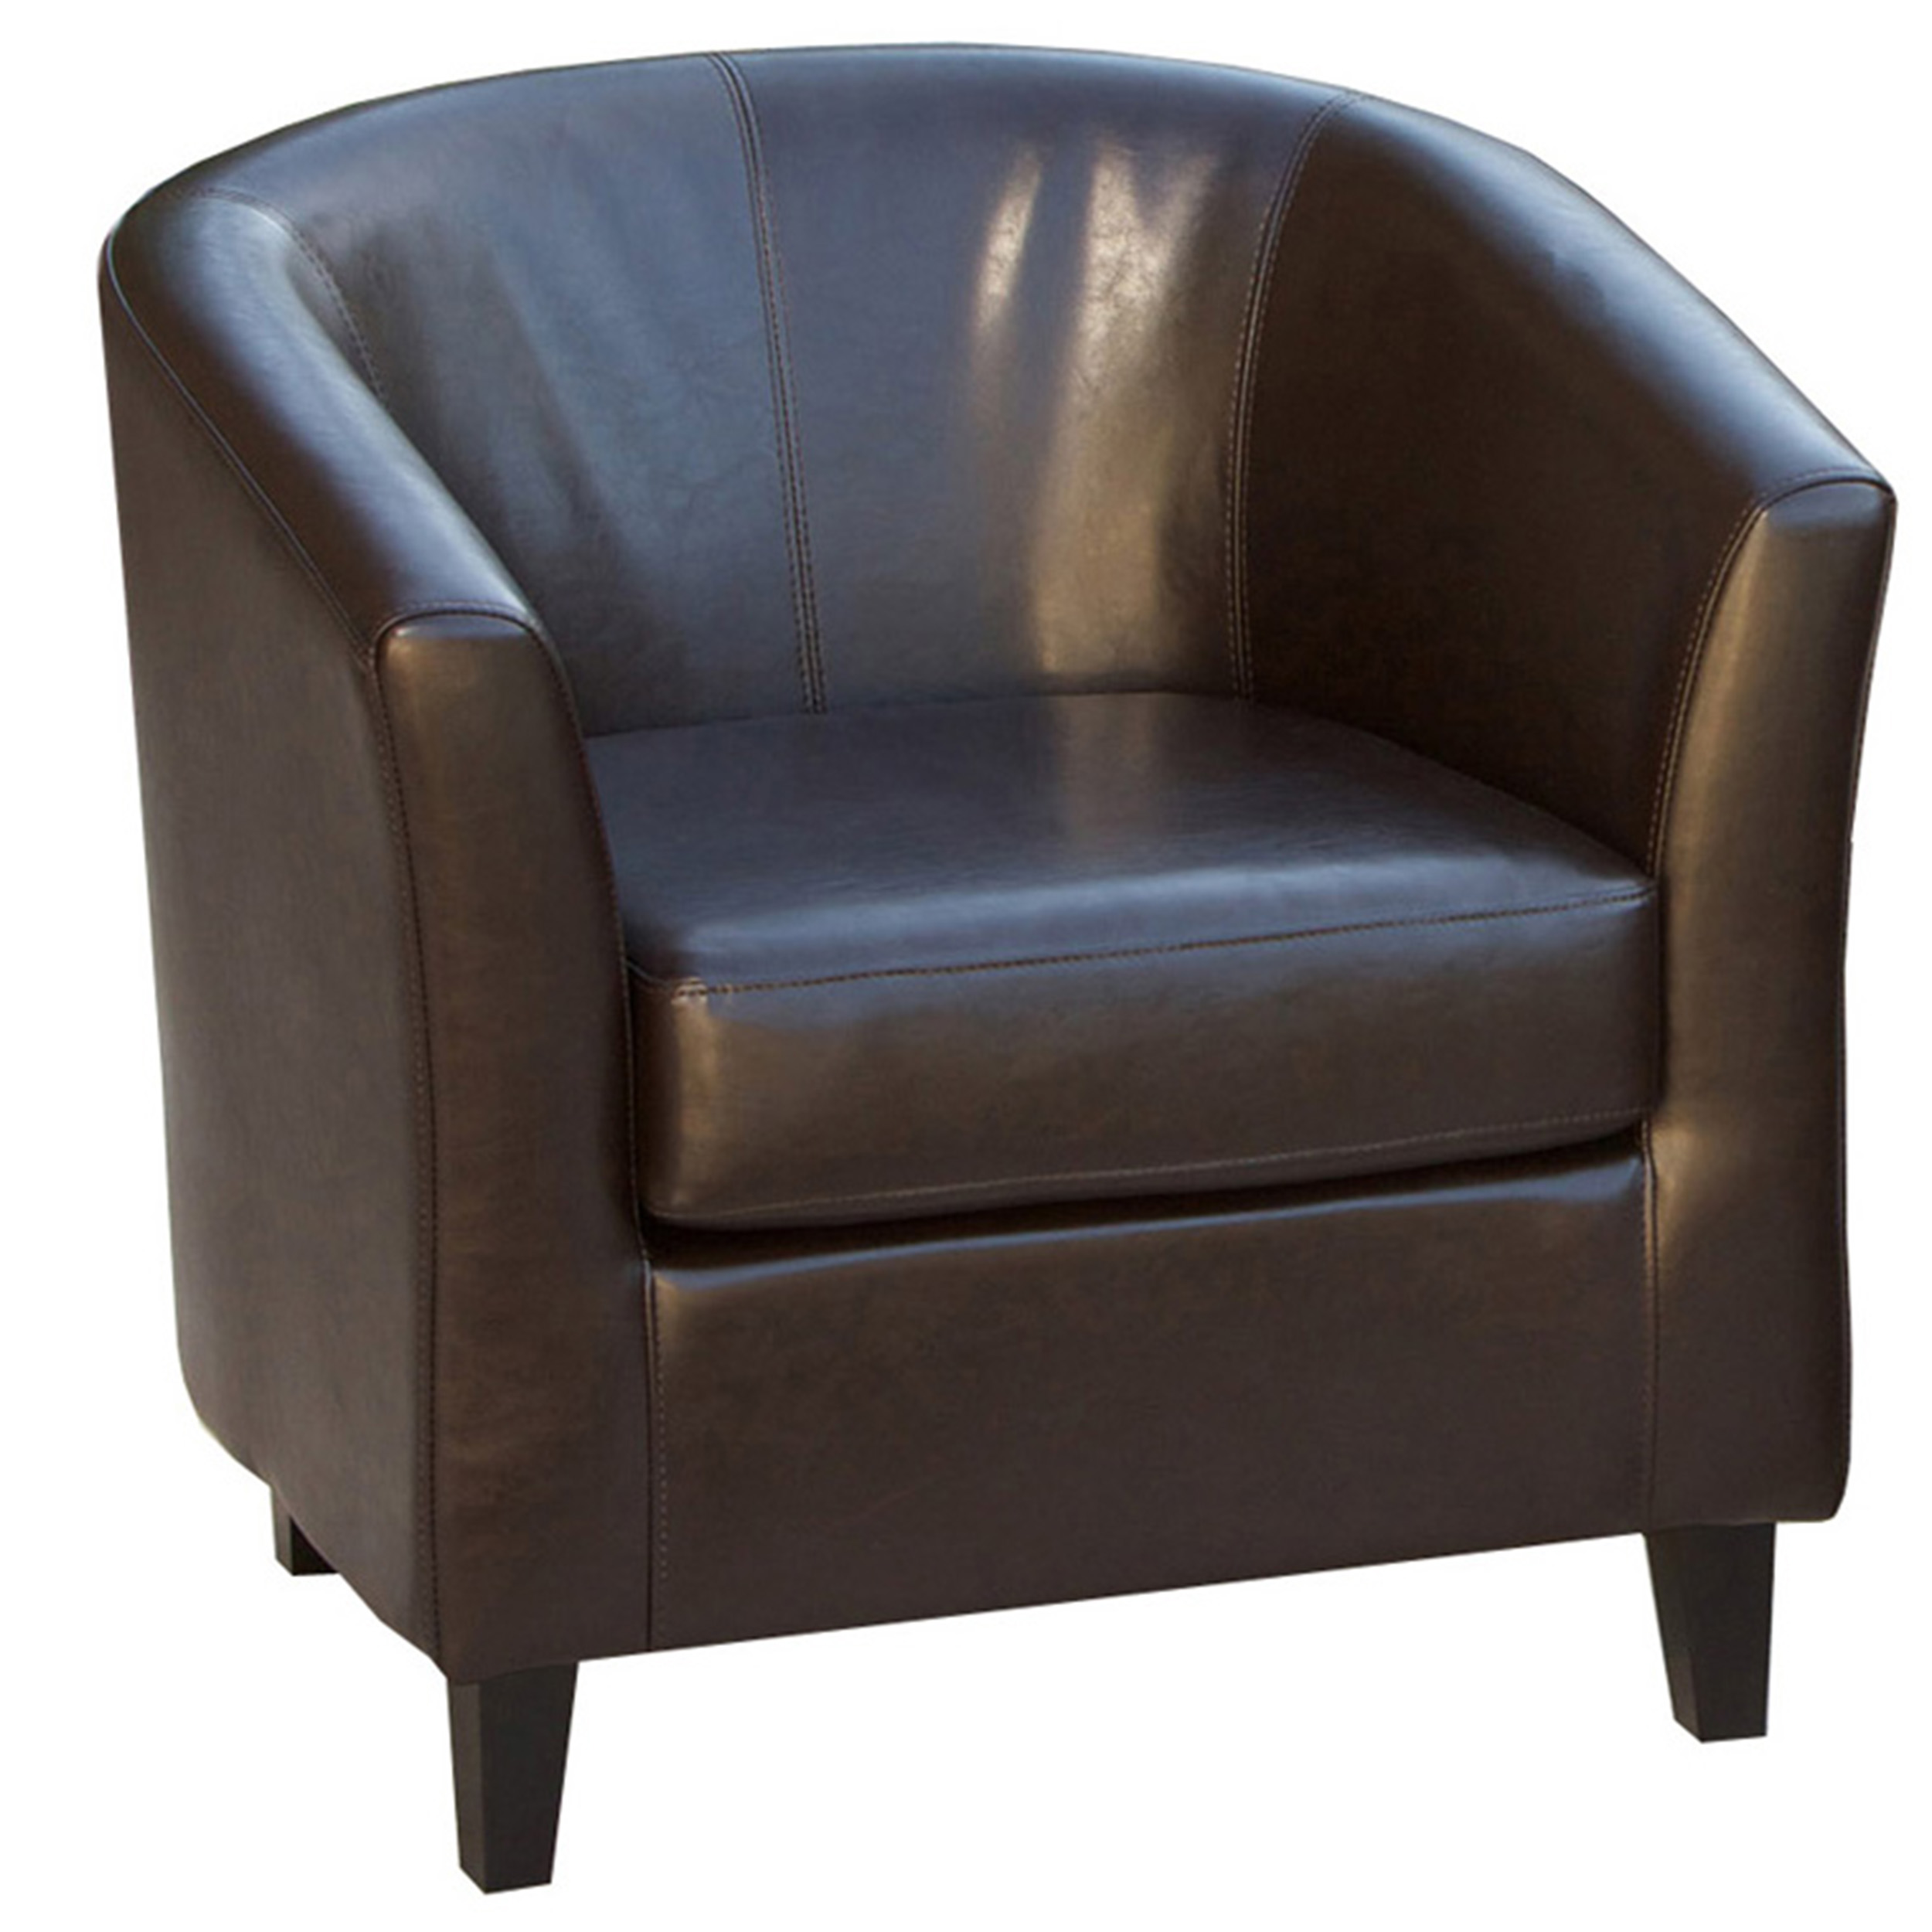 Bardwell Brown Bonded Leather Barrel Club Chair by GDF Studio